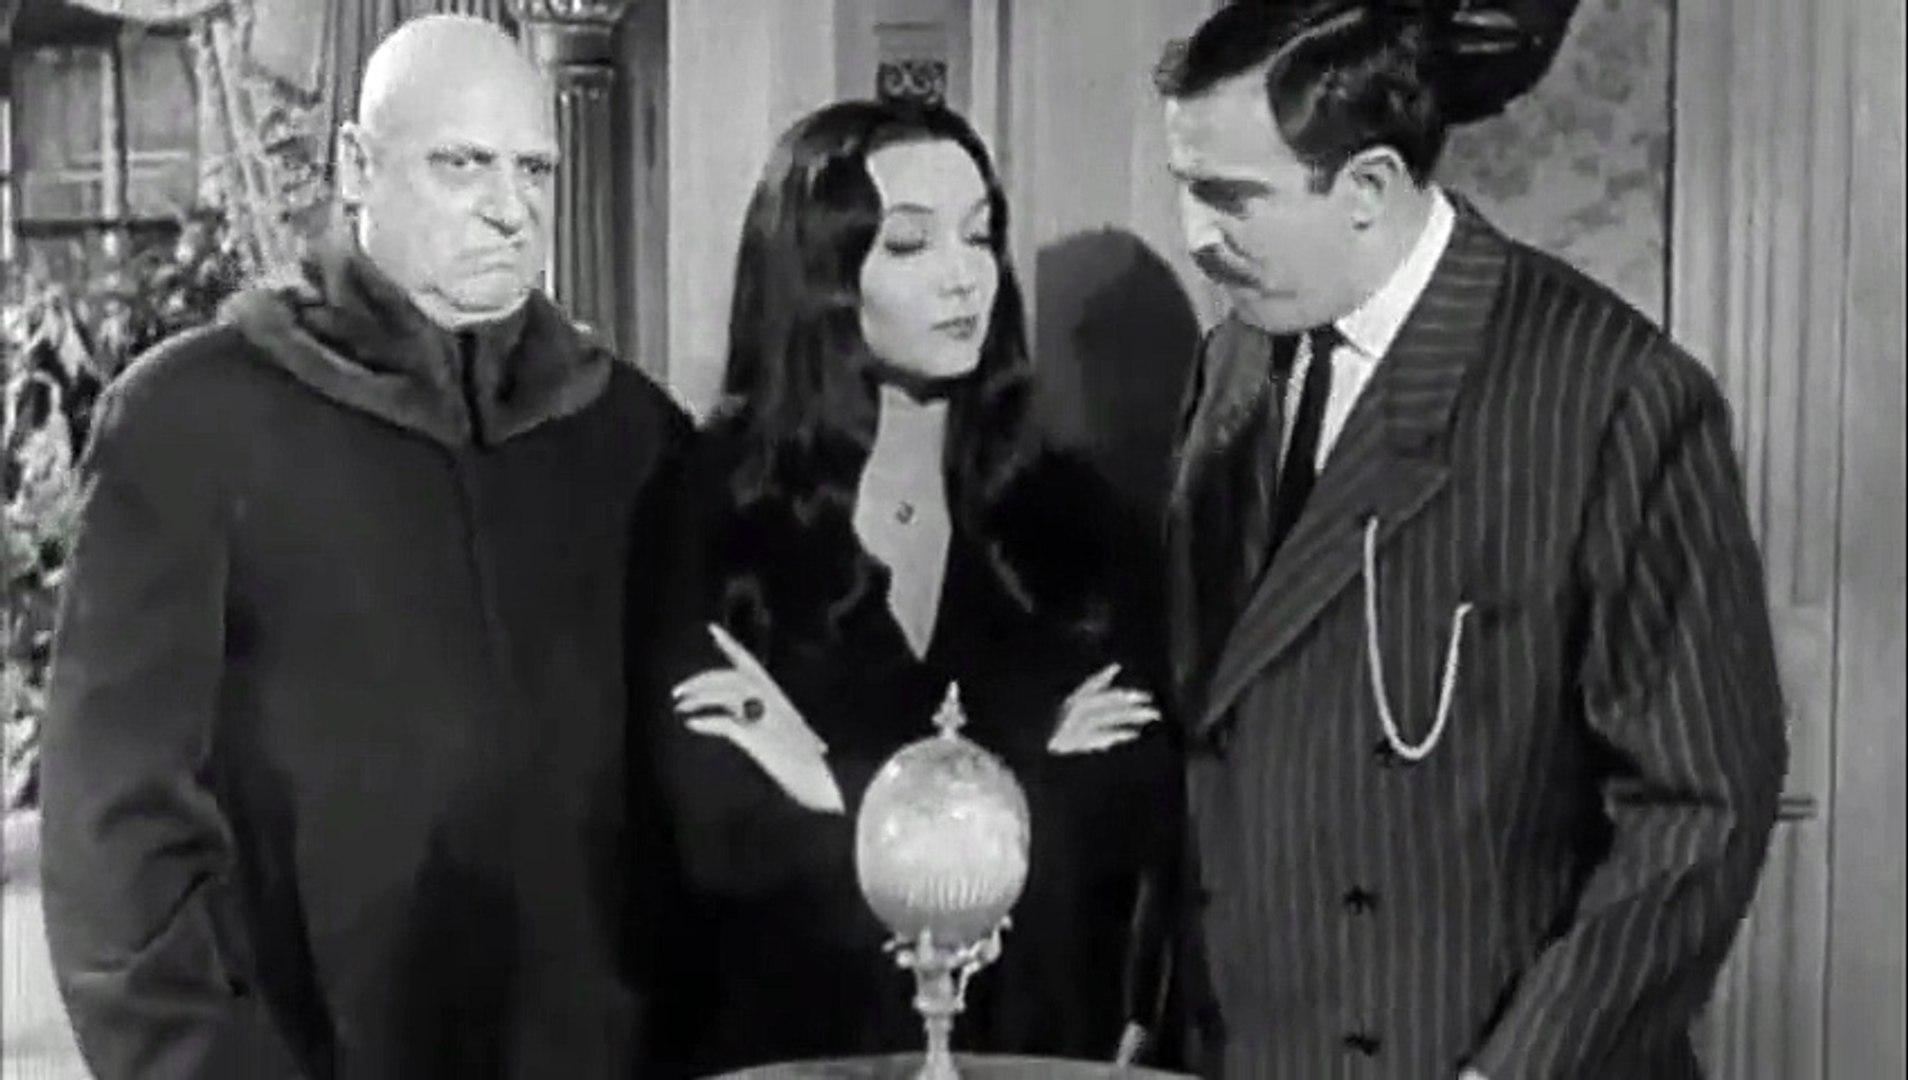 Gomez morticia and Addams Morticia